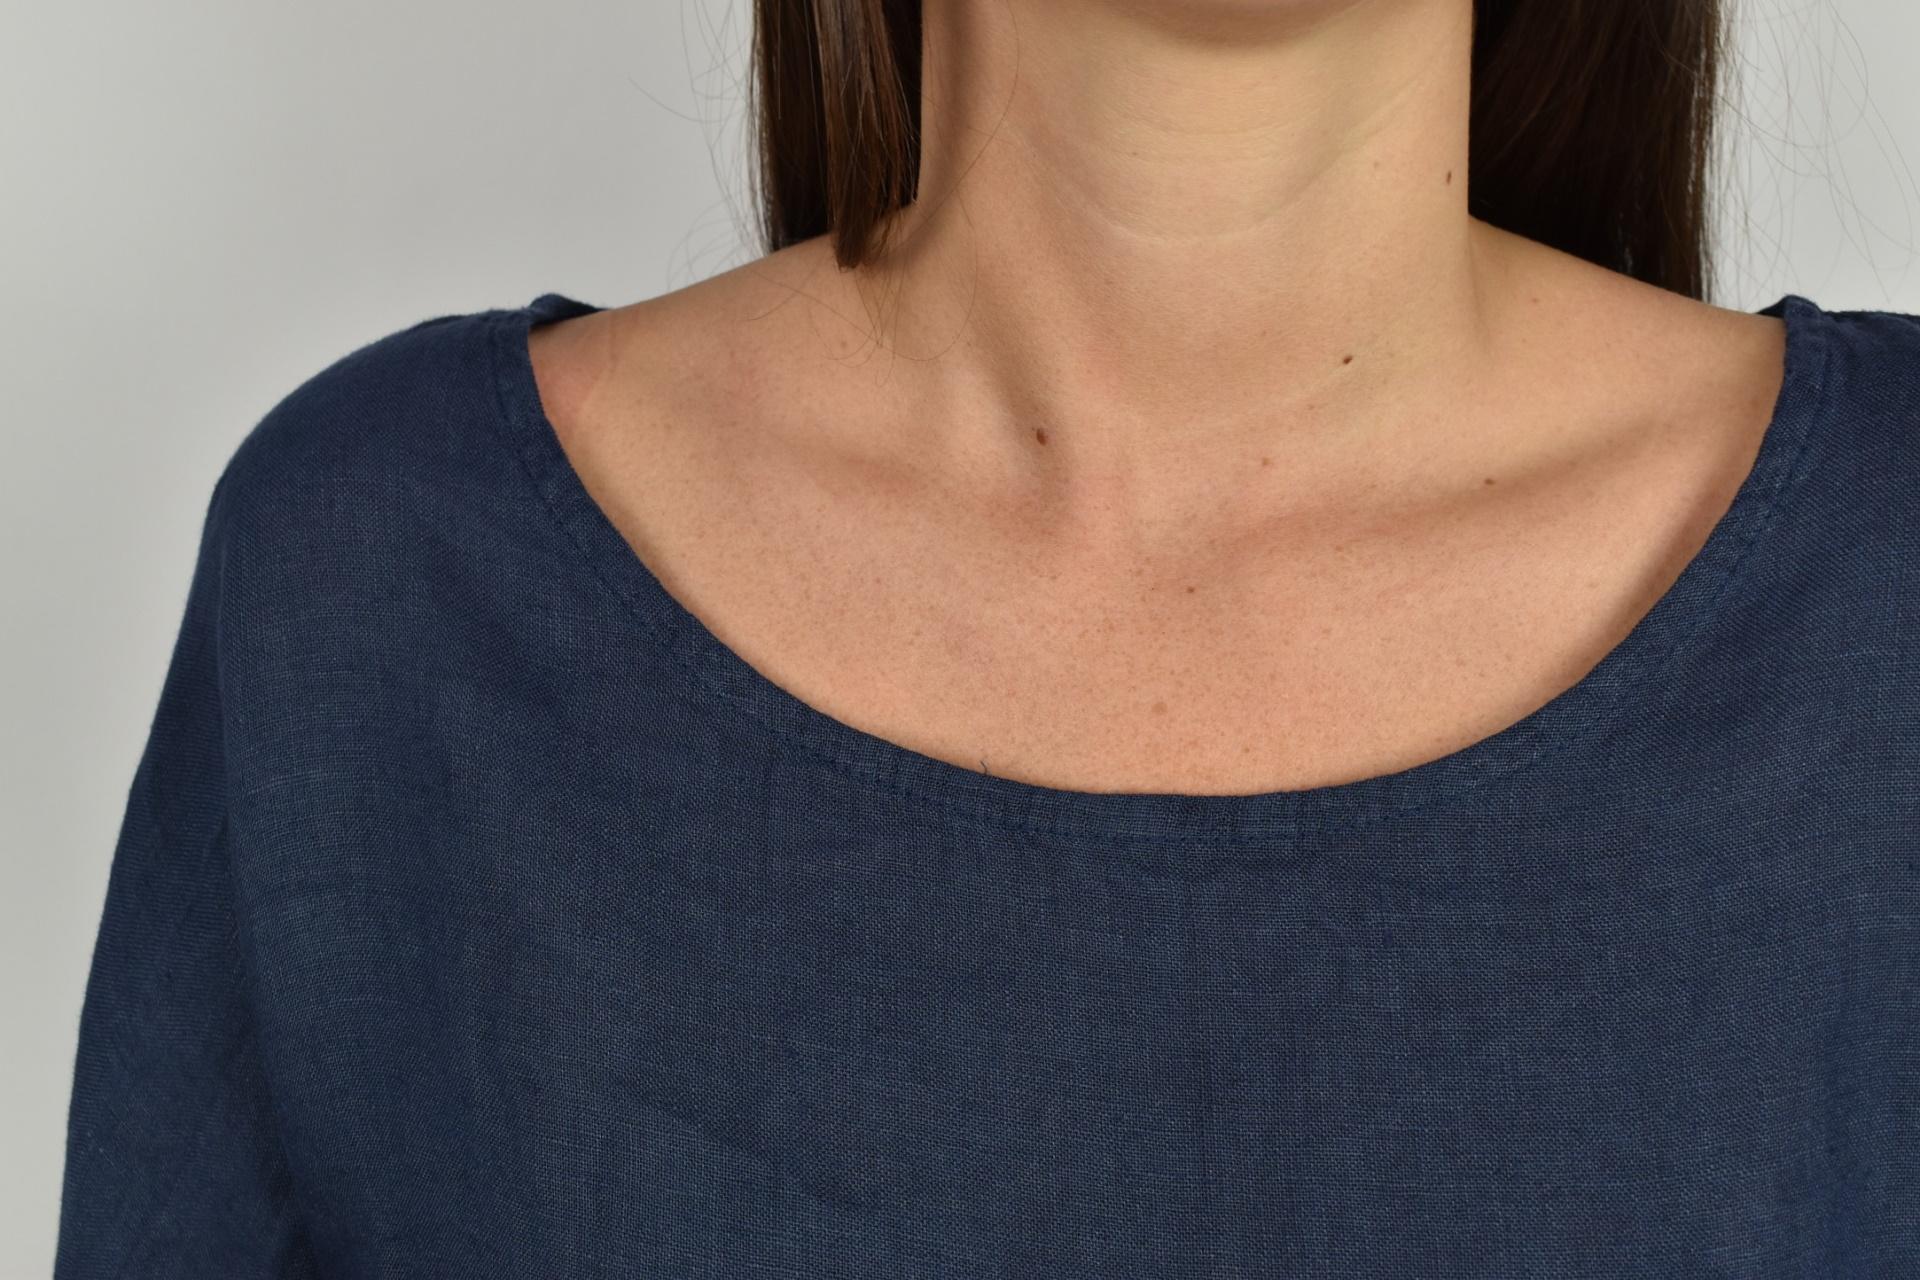 MAGMAXPE2101 BLU MAGLIA DA DONNA GIROCOLLO CON MANICA A 34 100 LINO 2 1stAmerican maglia da donna girocollo con manica a 3/4 100% lino Made in Italy - t-shirt manica corta da donna mare in lino